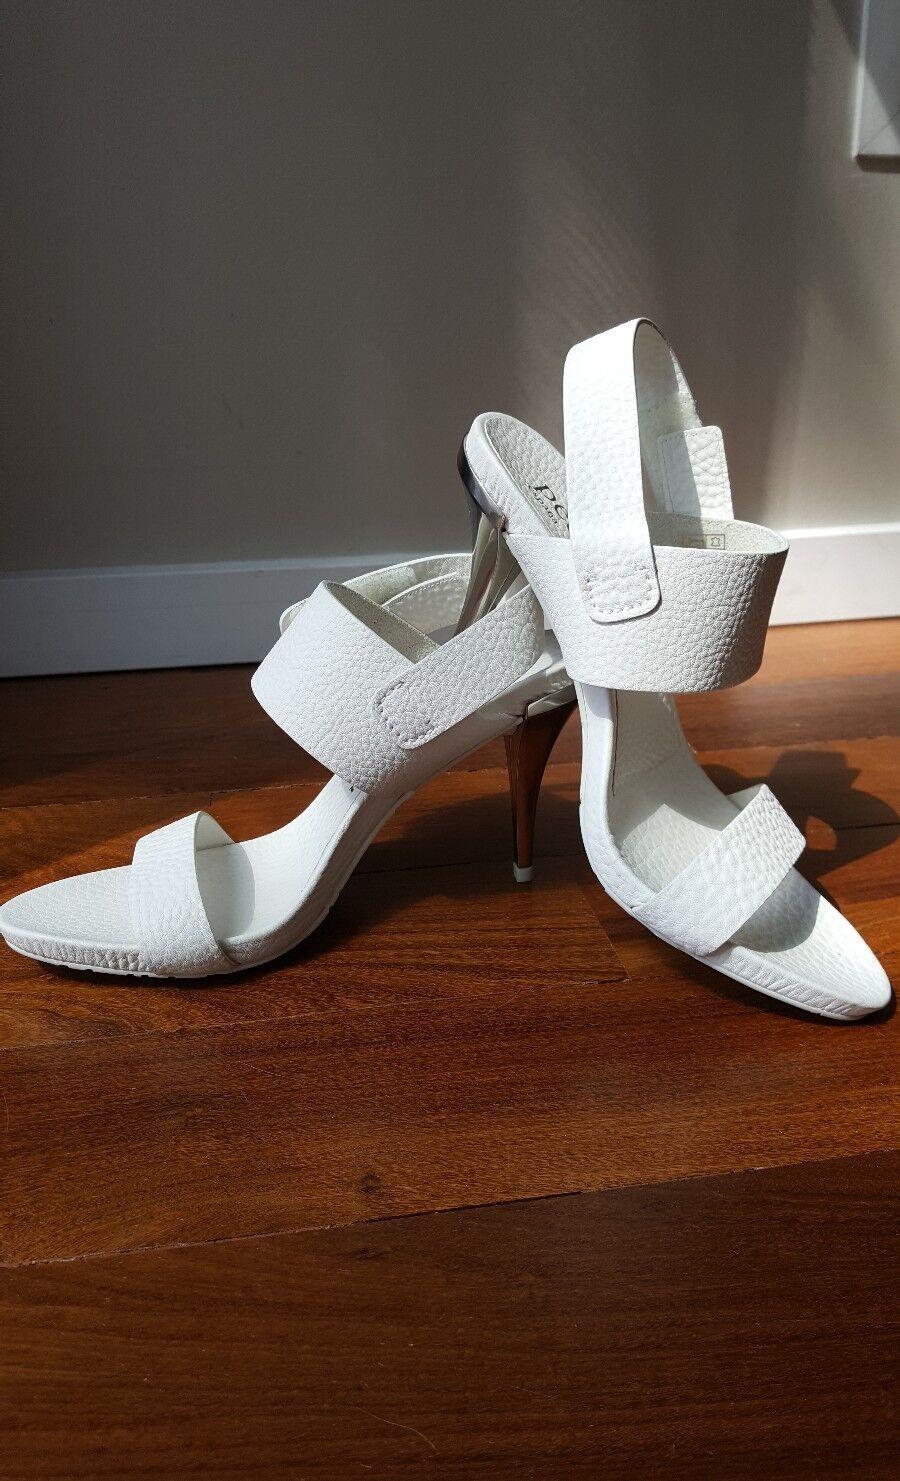 Pedro Garcia  Yelina Simple Metallic Heel Sandal Sz.40 US 10, VALUE  550